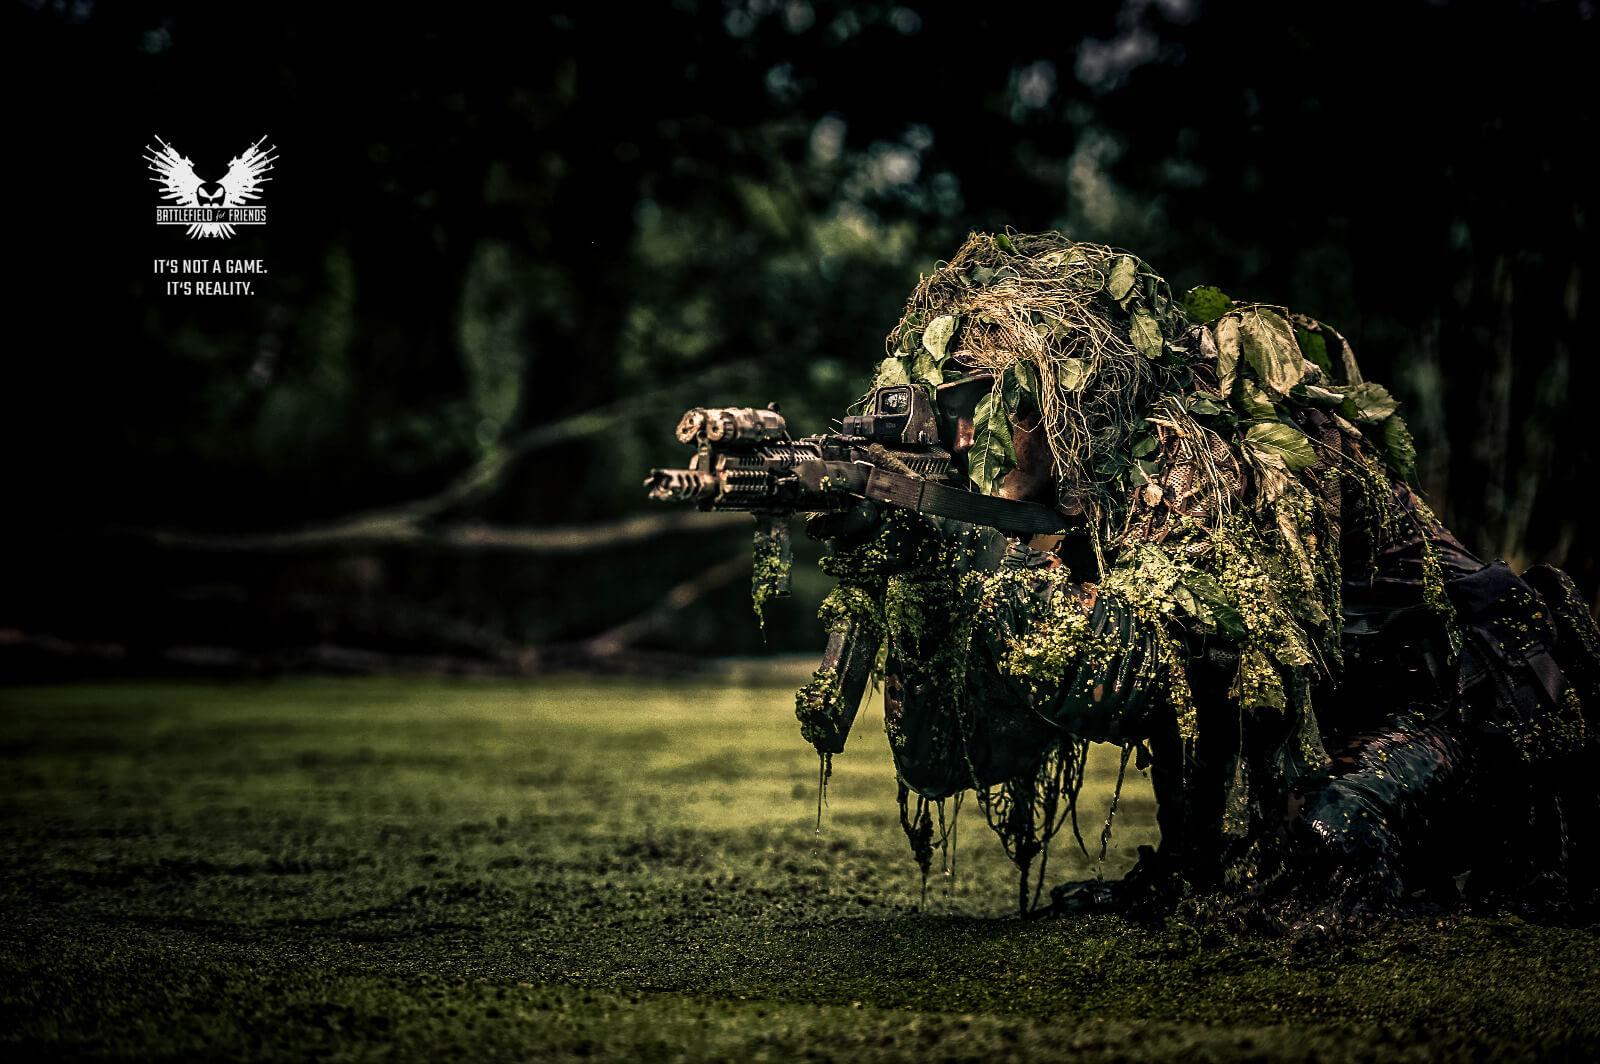 battleground berlin - the last uf us survivores (2)